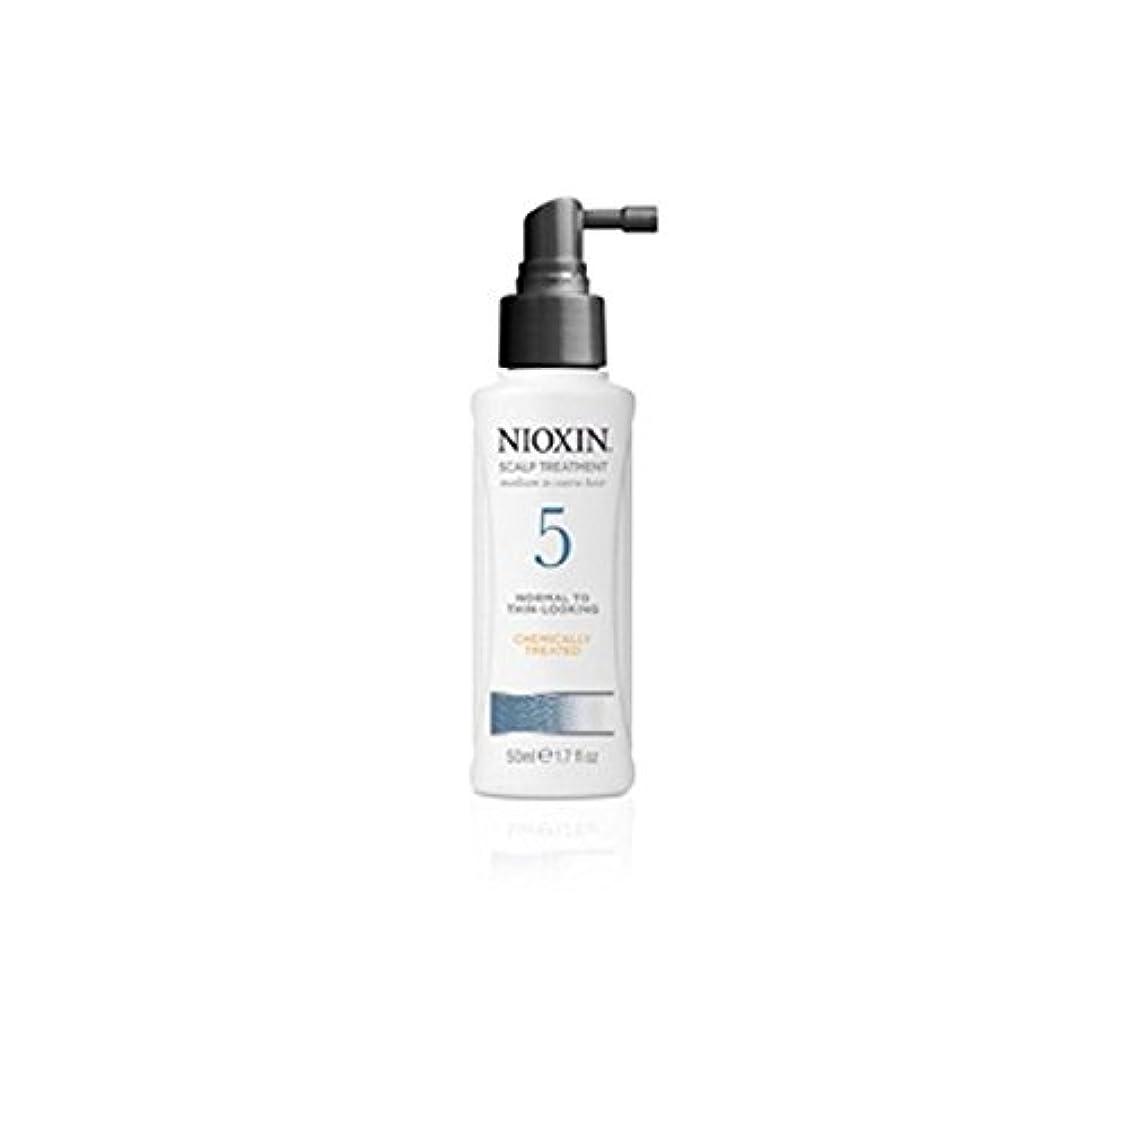 なす空気俳句Nioxin System 5 Scalp Treatment For Medium To Coarse, Normal To Thin Looking, Natural And Chemically Treated Hair...